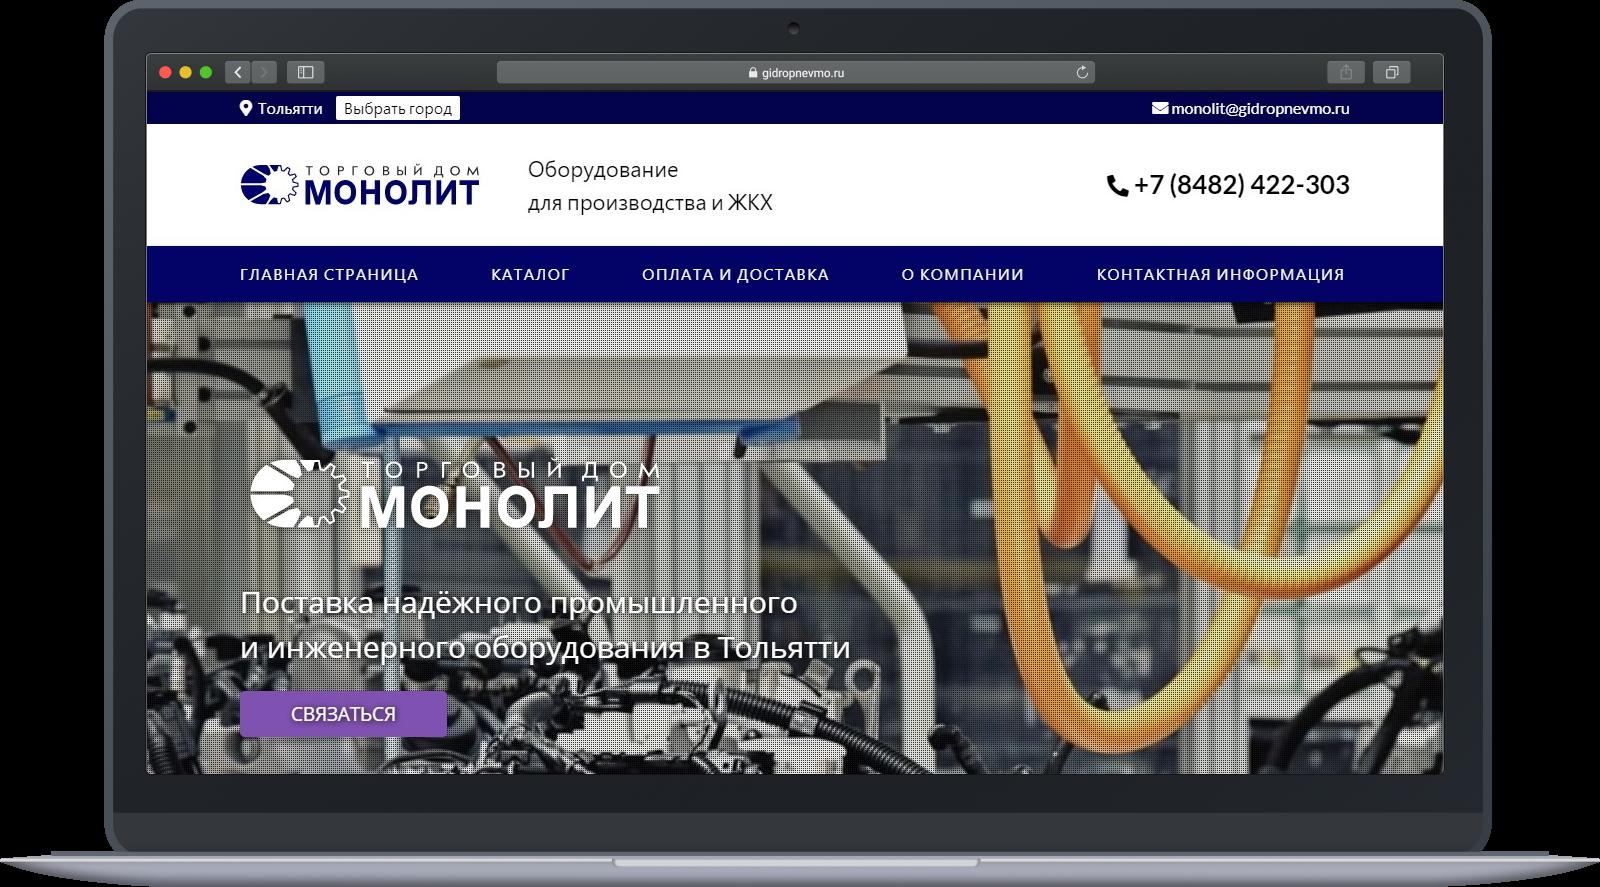 Портфолио - Сайт компании Монолит - Главная страница